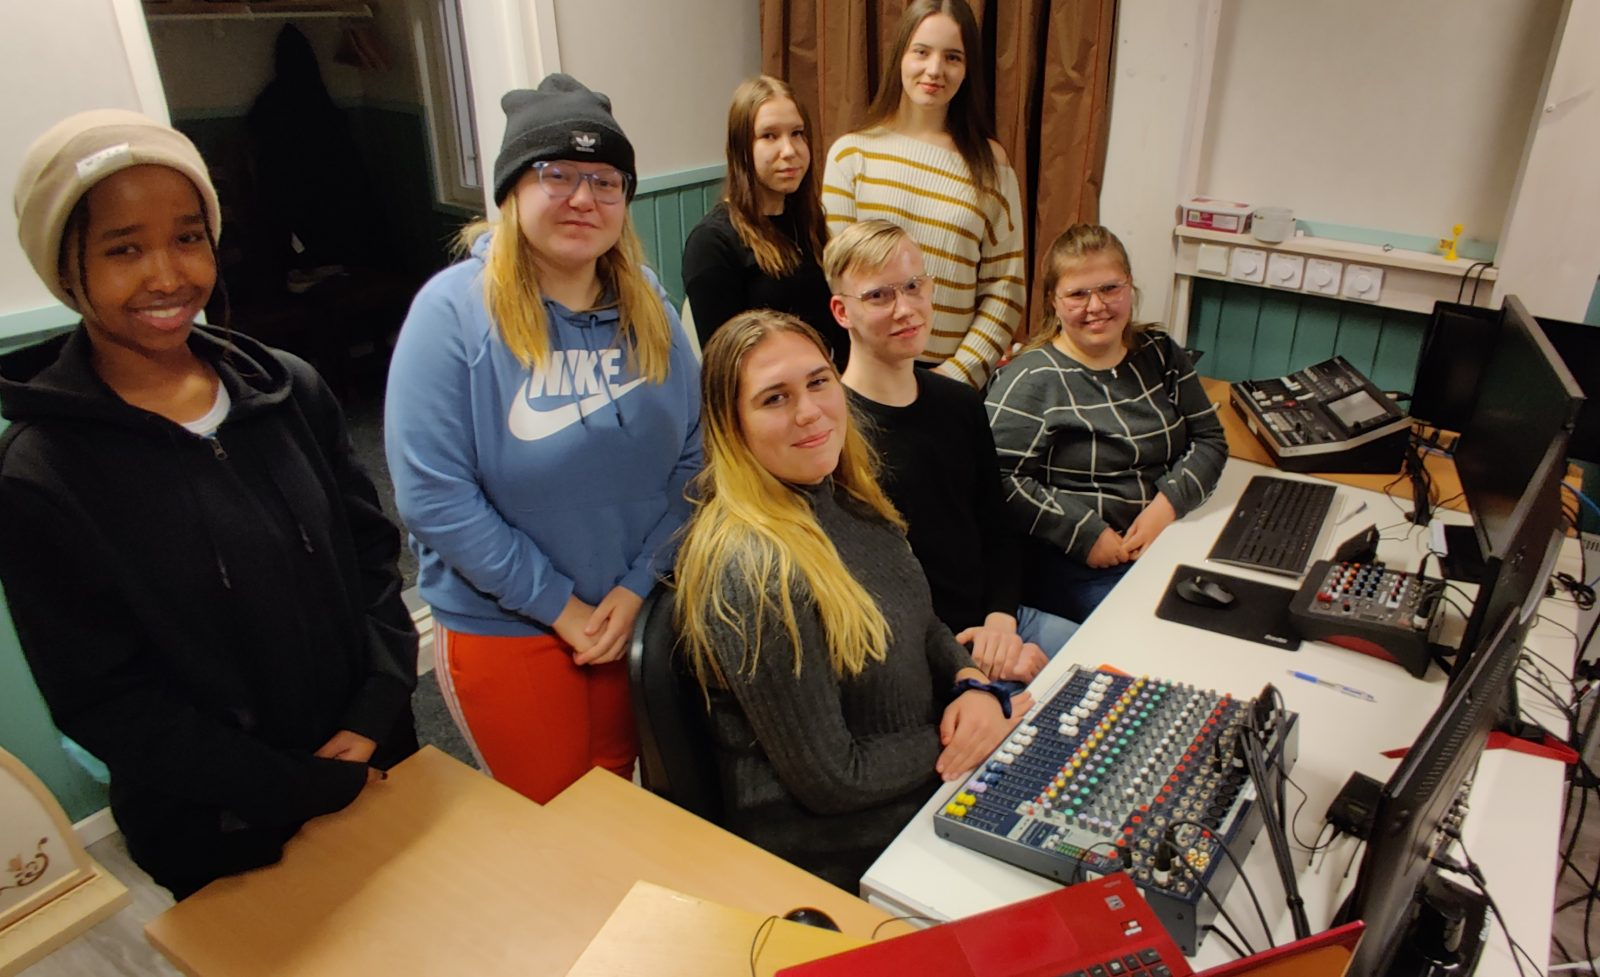 Nuoret kokoontuneet tietokoneiden äärelle